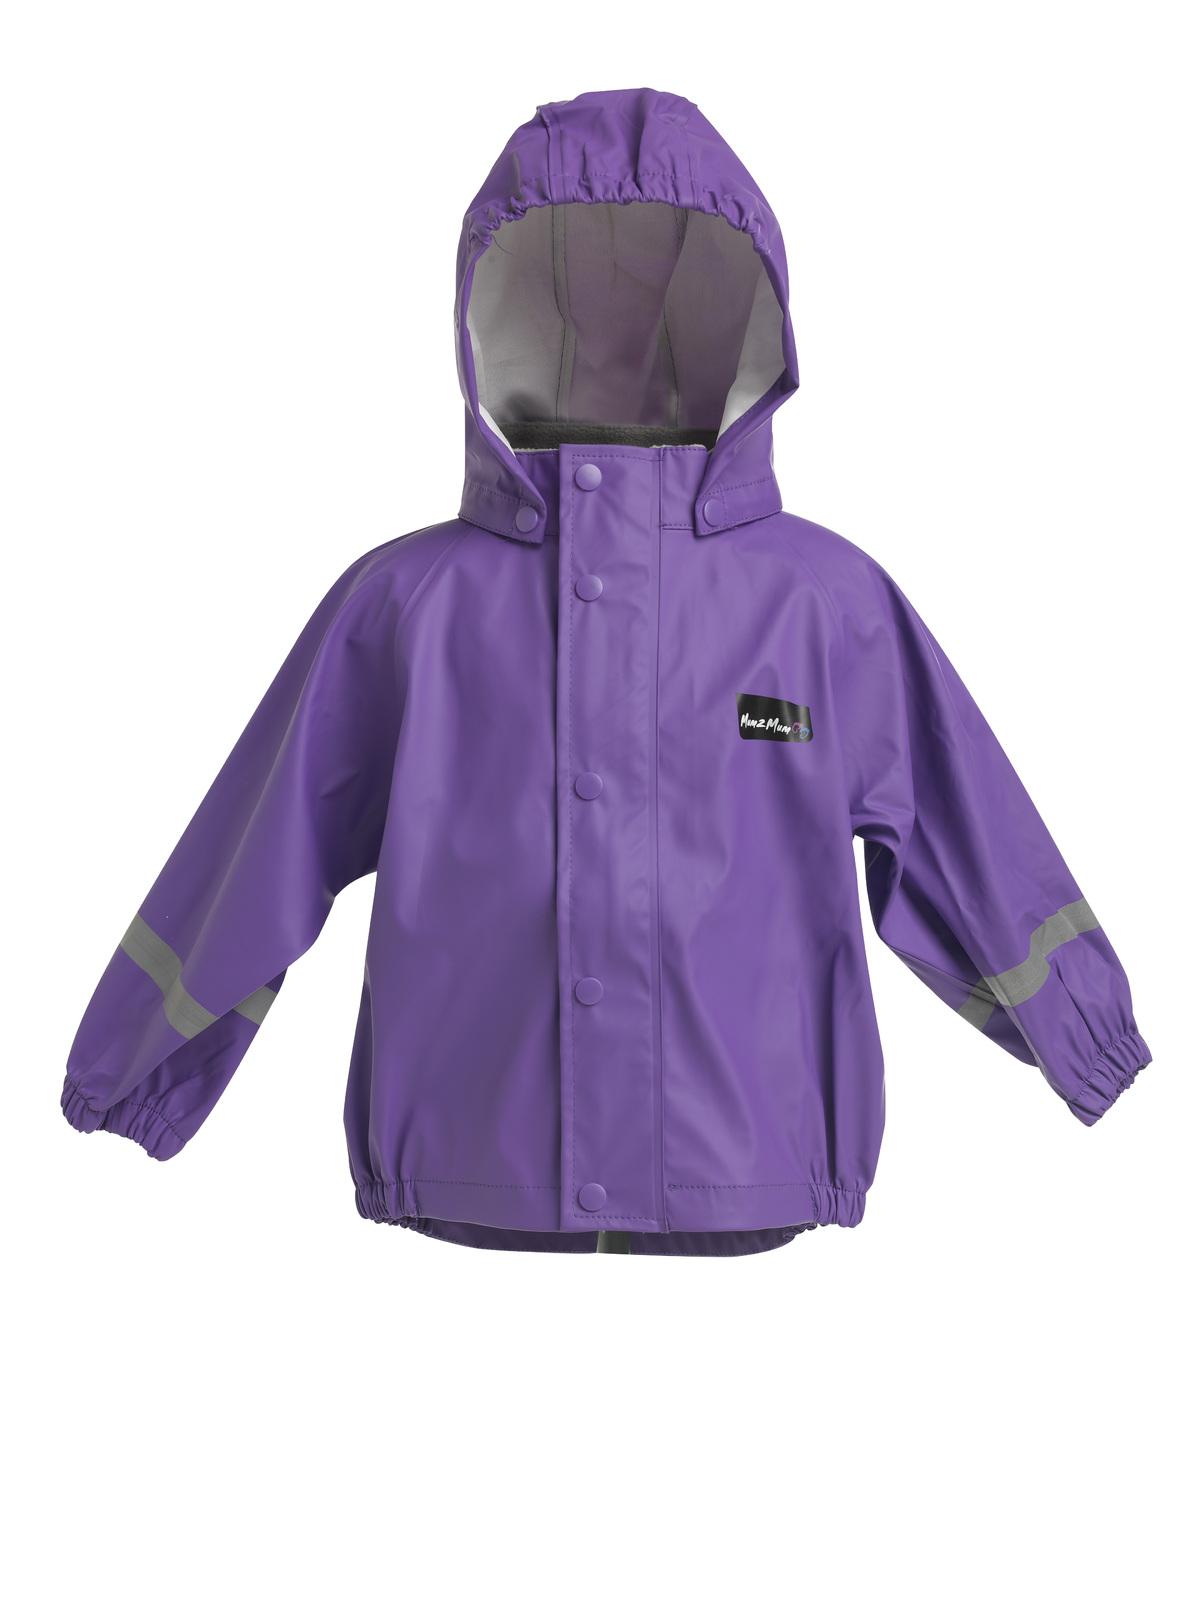 Mum 2 Mum Rainwear Jacket - Purple (4 years) image